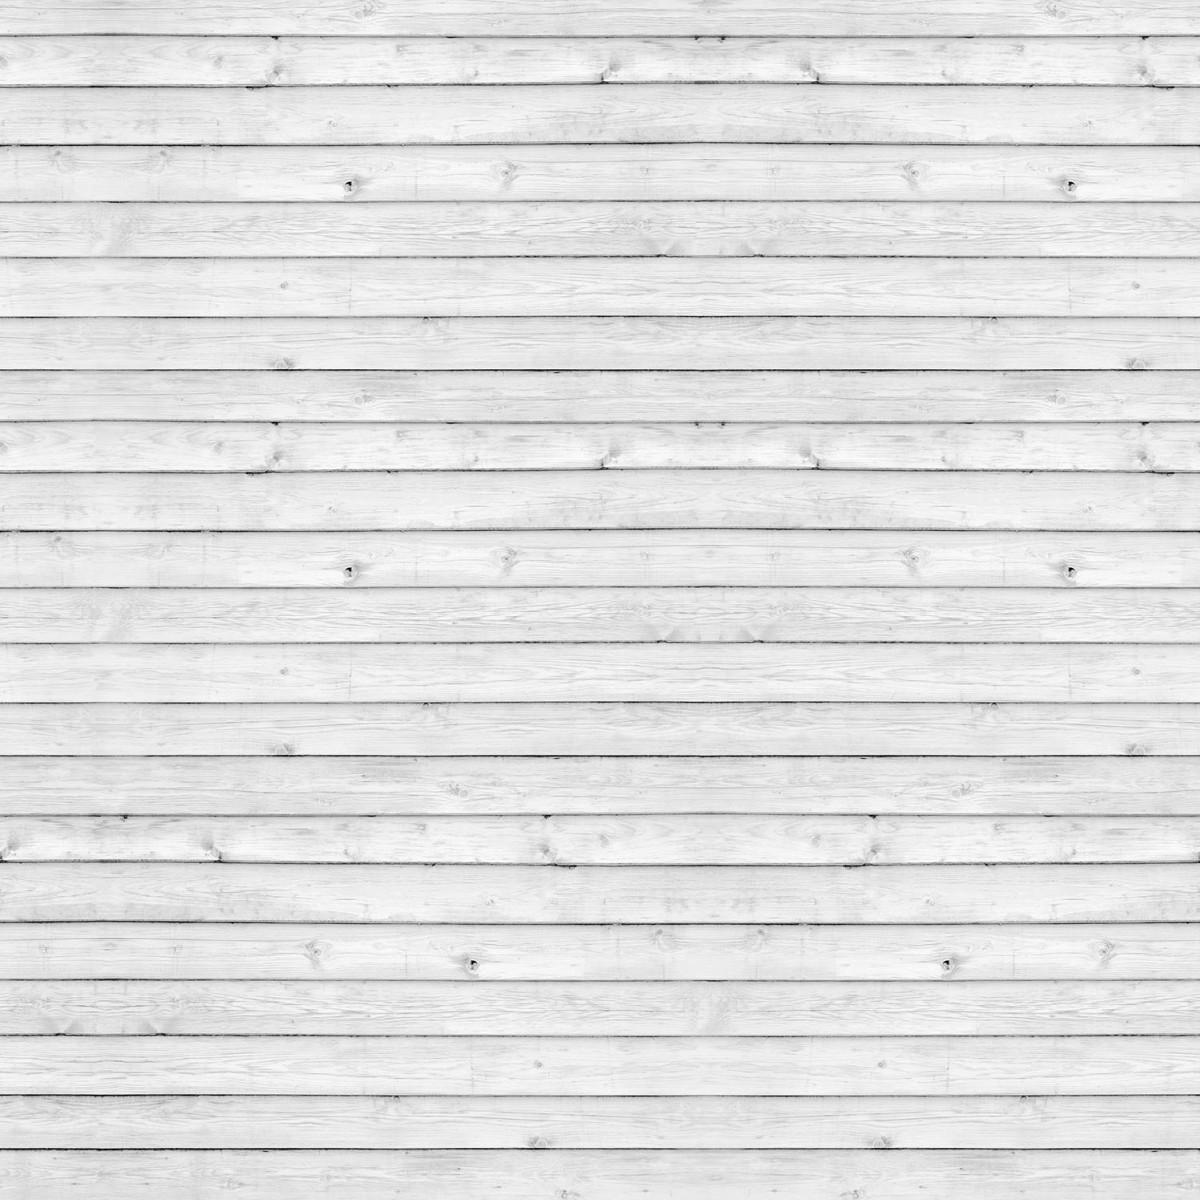 Fototapet Horizontal Boards 2, personalizat, Rebel Walls